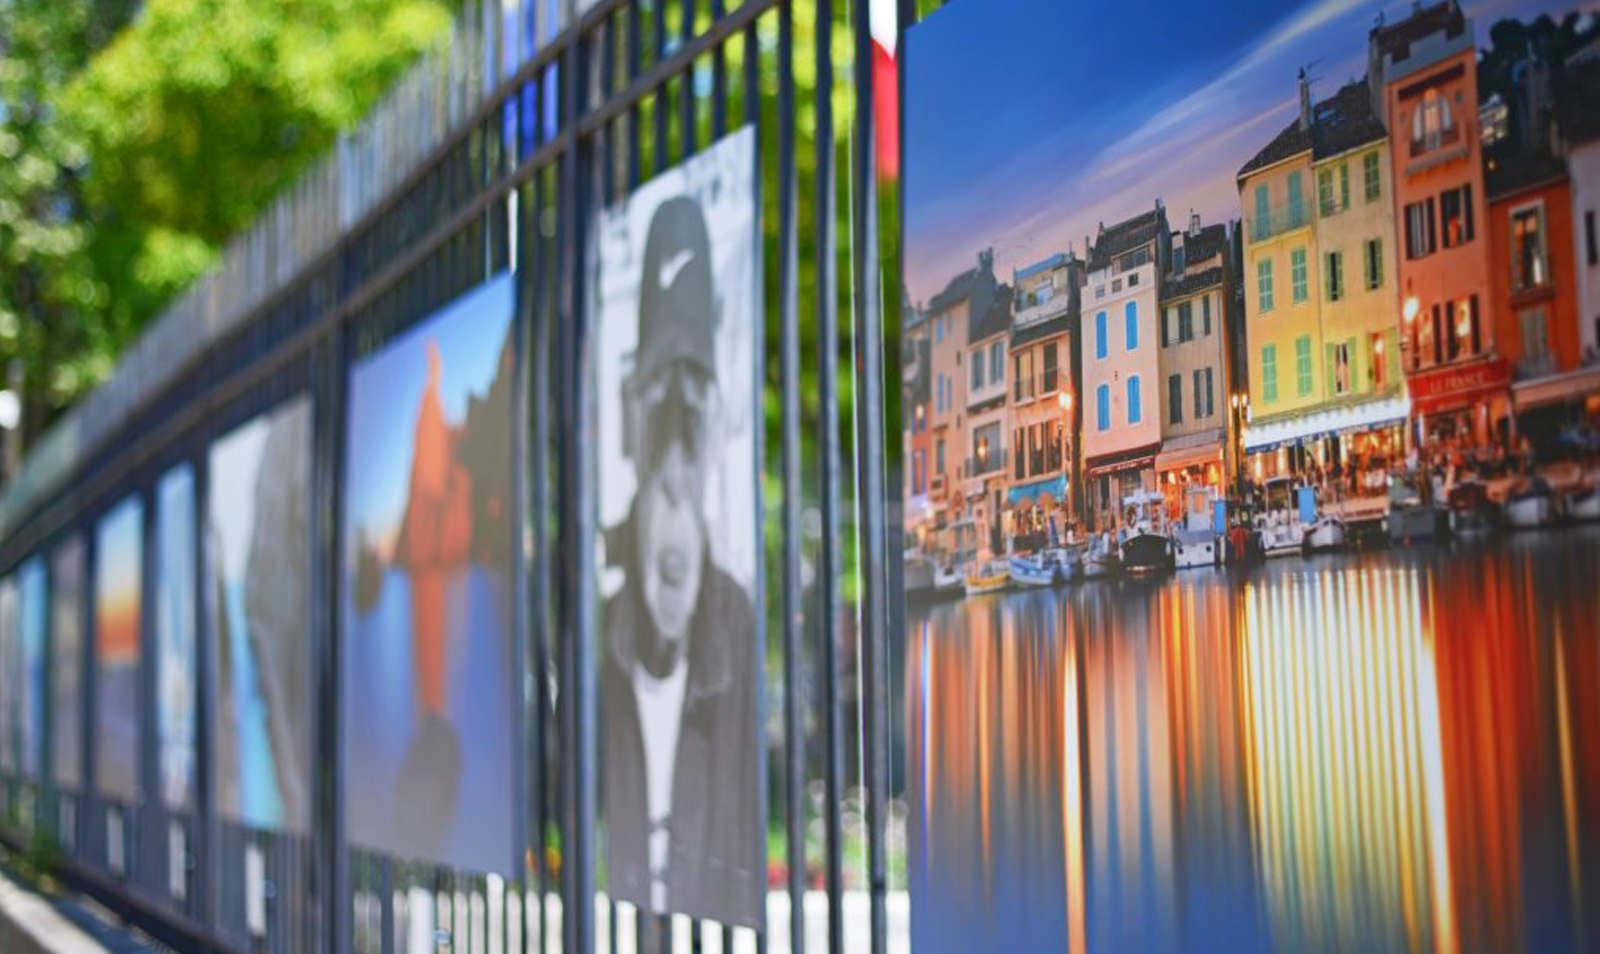 LA COULEUR DES SENTIMENTS EXPOSITION EN PARTENARIAT AVEC LA VILLE DE CASSIS Place Baragnon 13260 Cassis Du 24 Juin au 15 Novembre